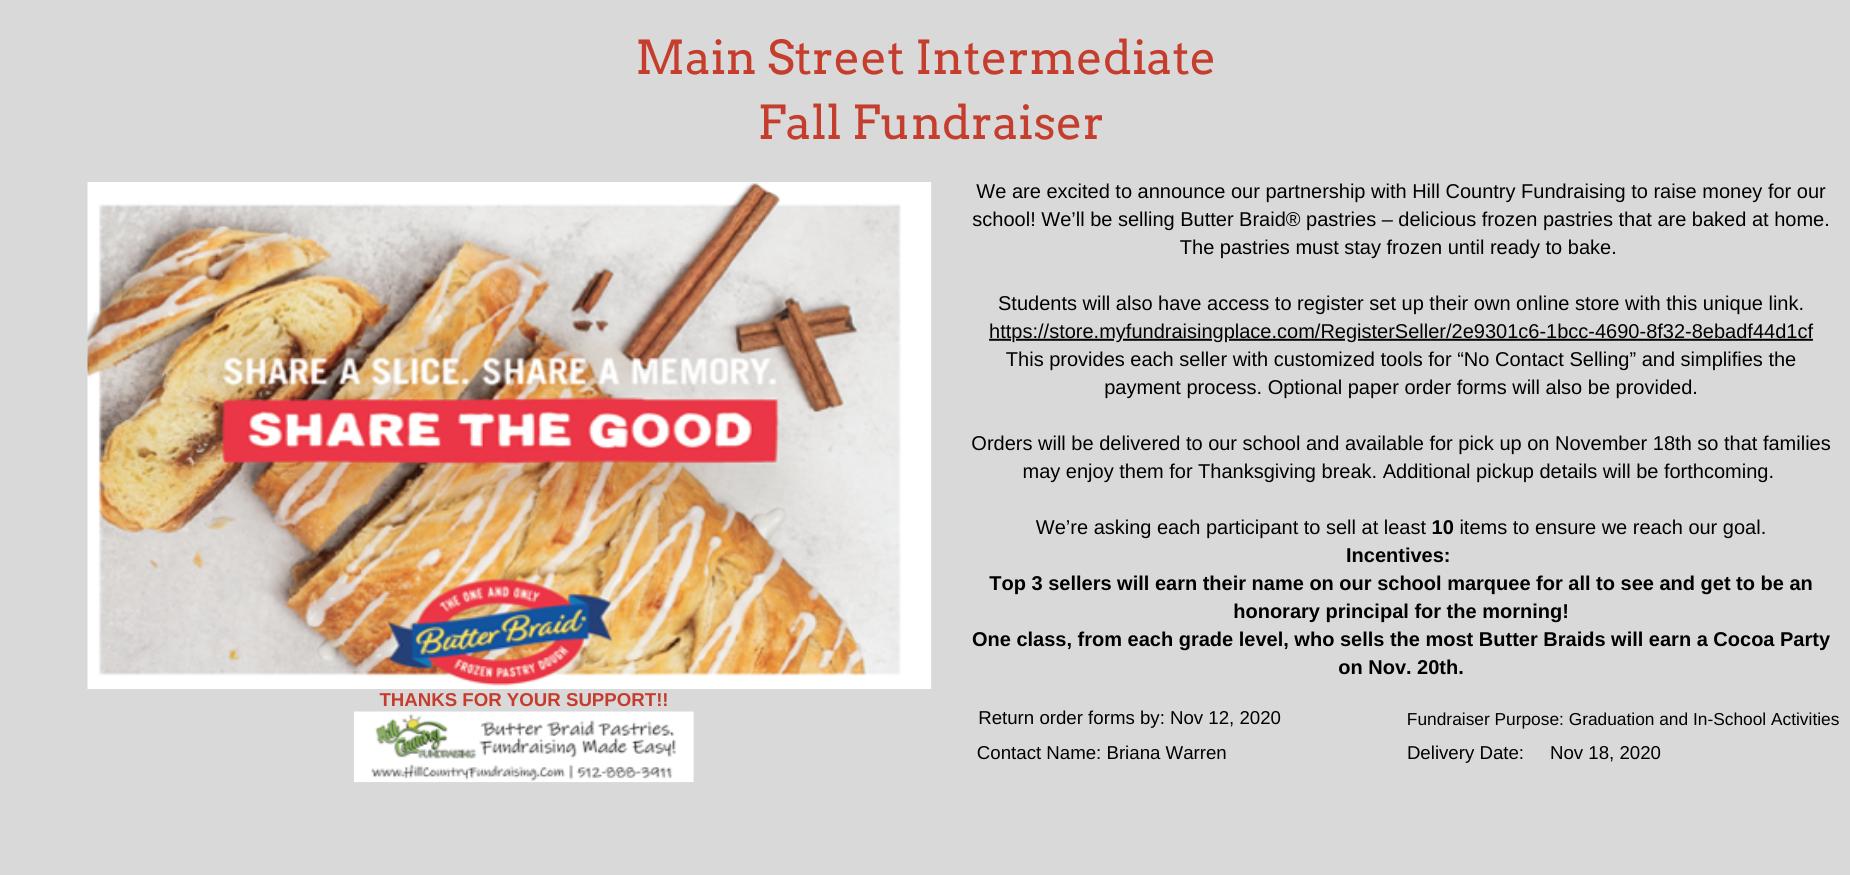 MSI Fall Fundraiser